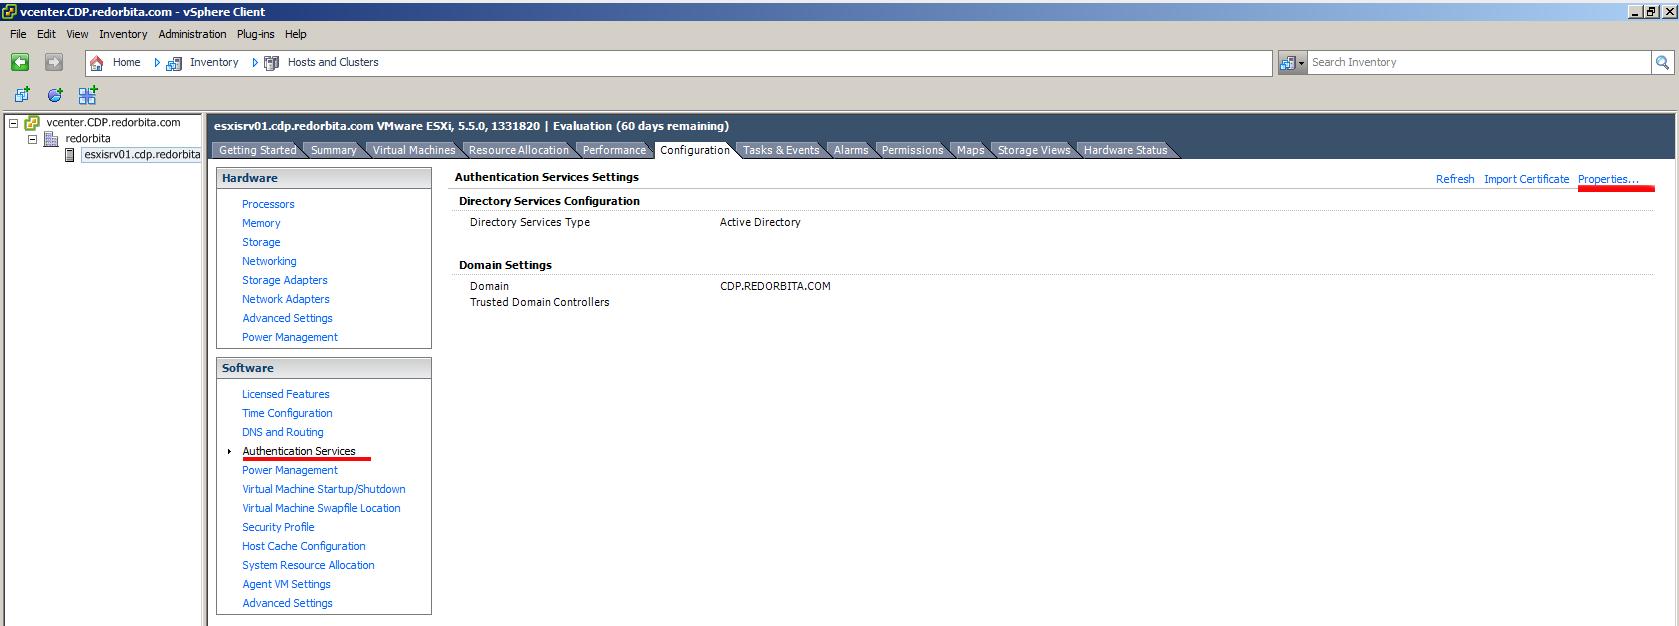 Captura de pantalla de 2014-10-03 17:10:05